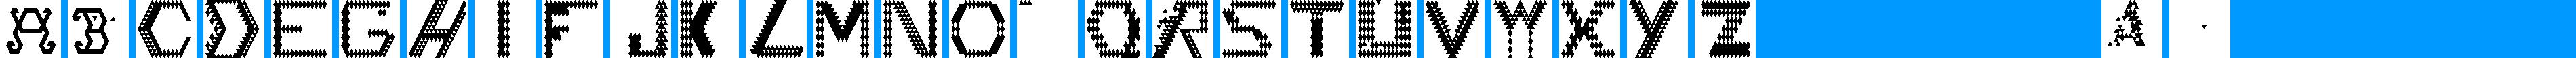 Particip-a-type v.172